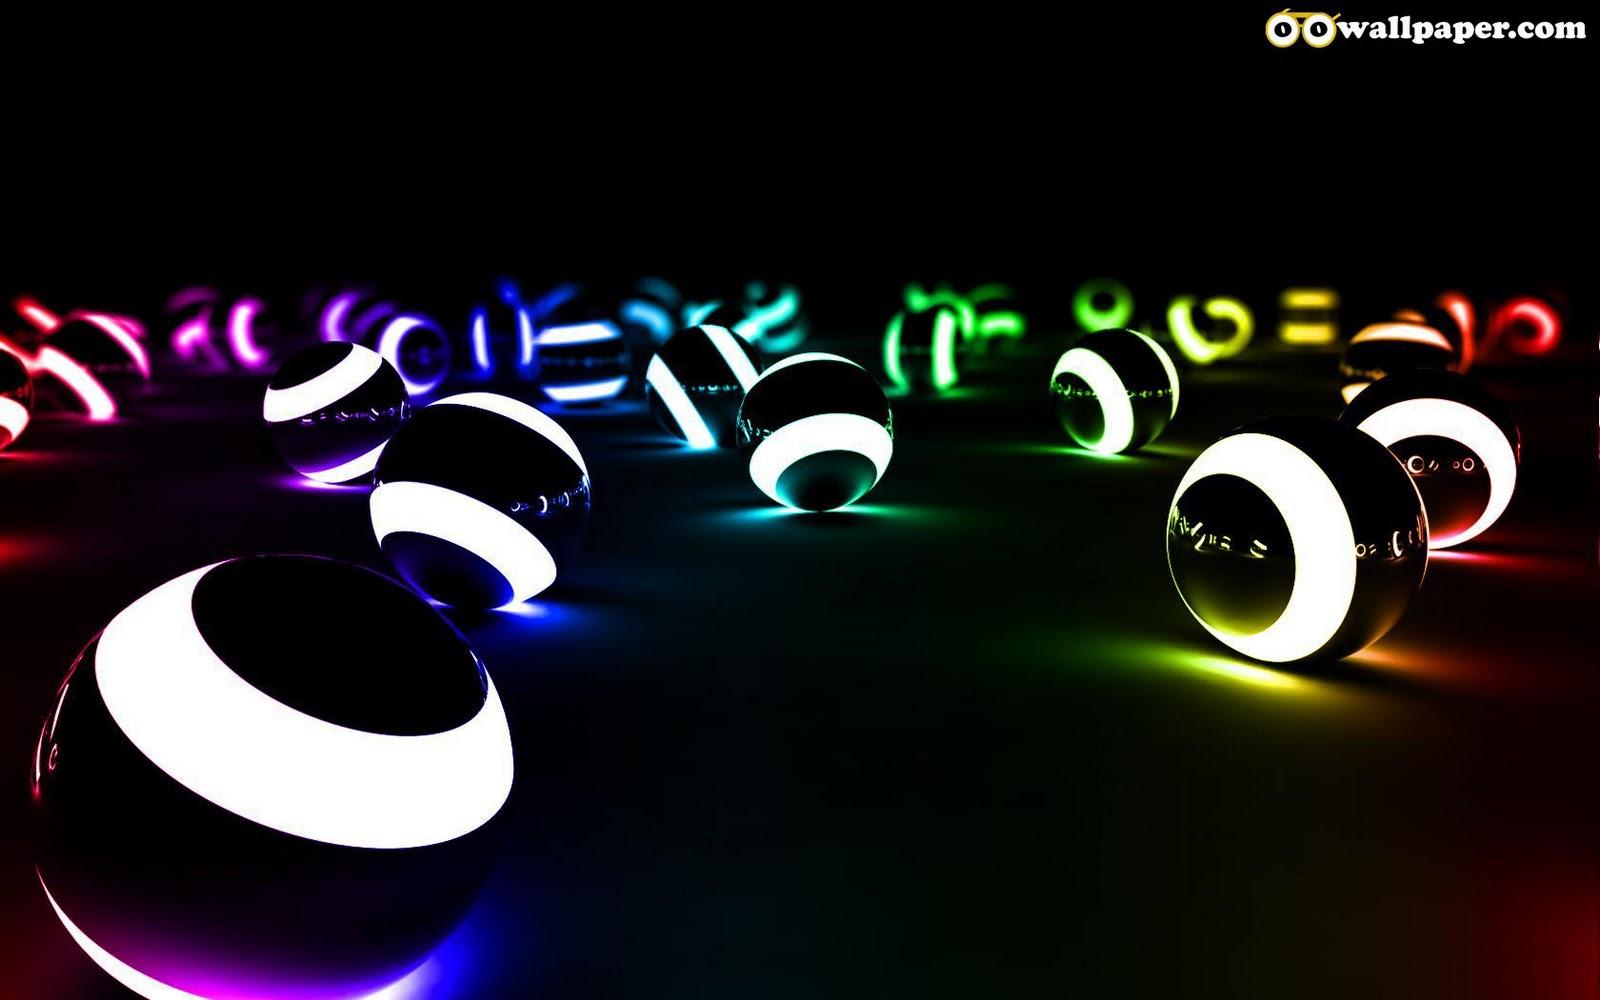 http://2.bp.blogspot.com/-G_F458t9yXQ/Twm6yM0YCII/AAAAAAAAA8U/sAb_9neBu6o/s1600/oo_Colorful+07.jpg